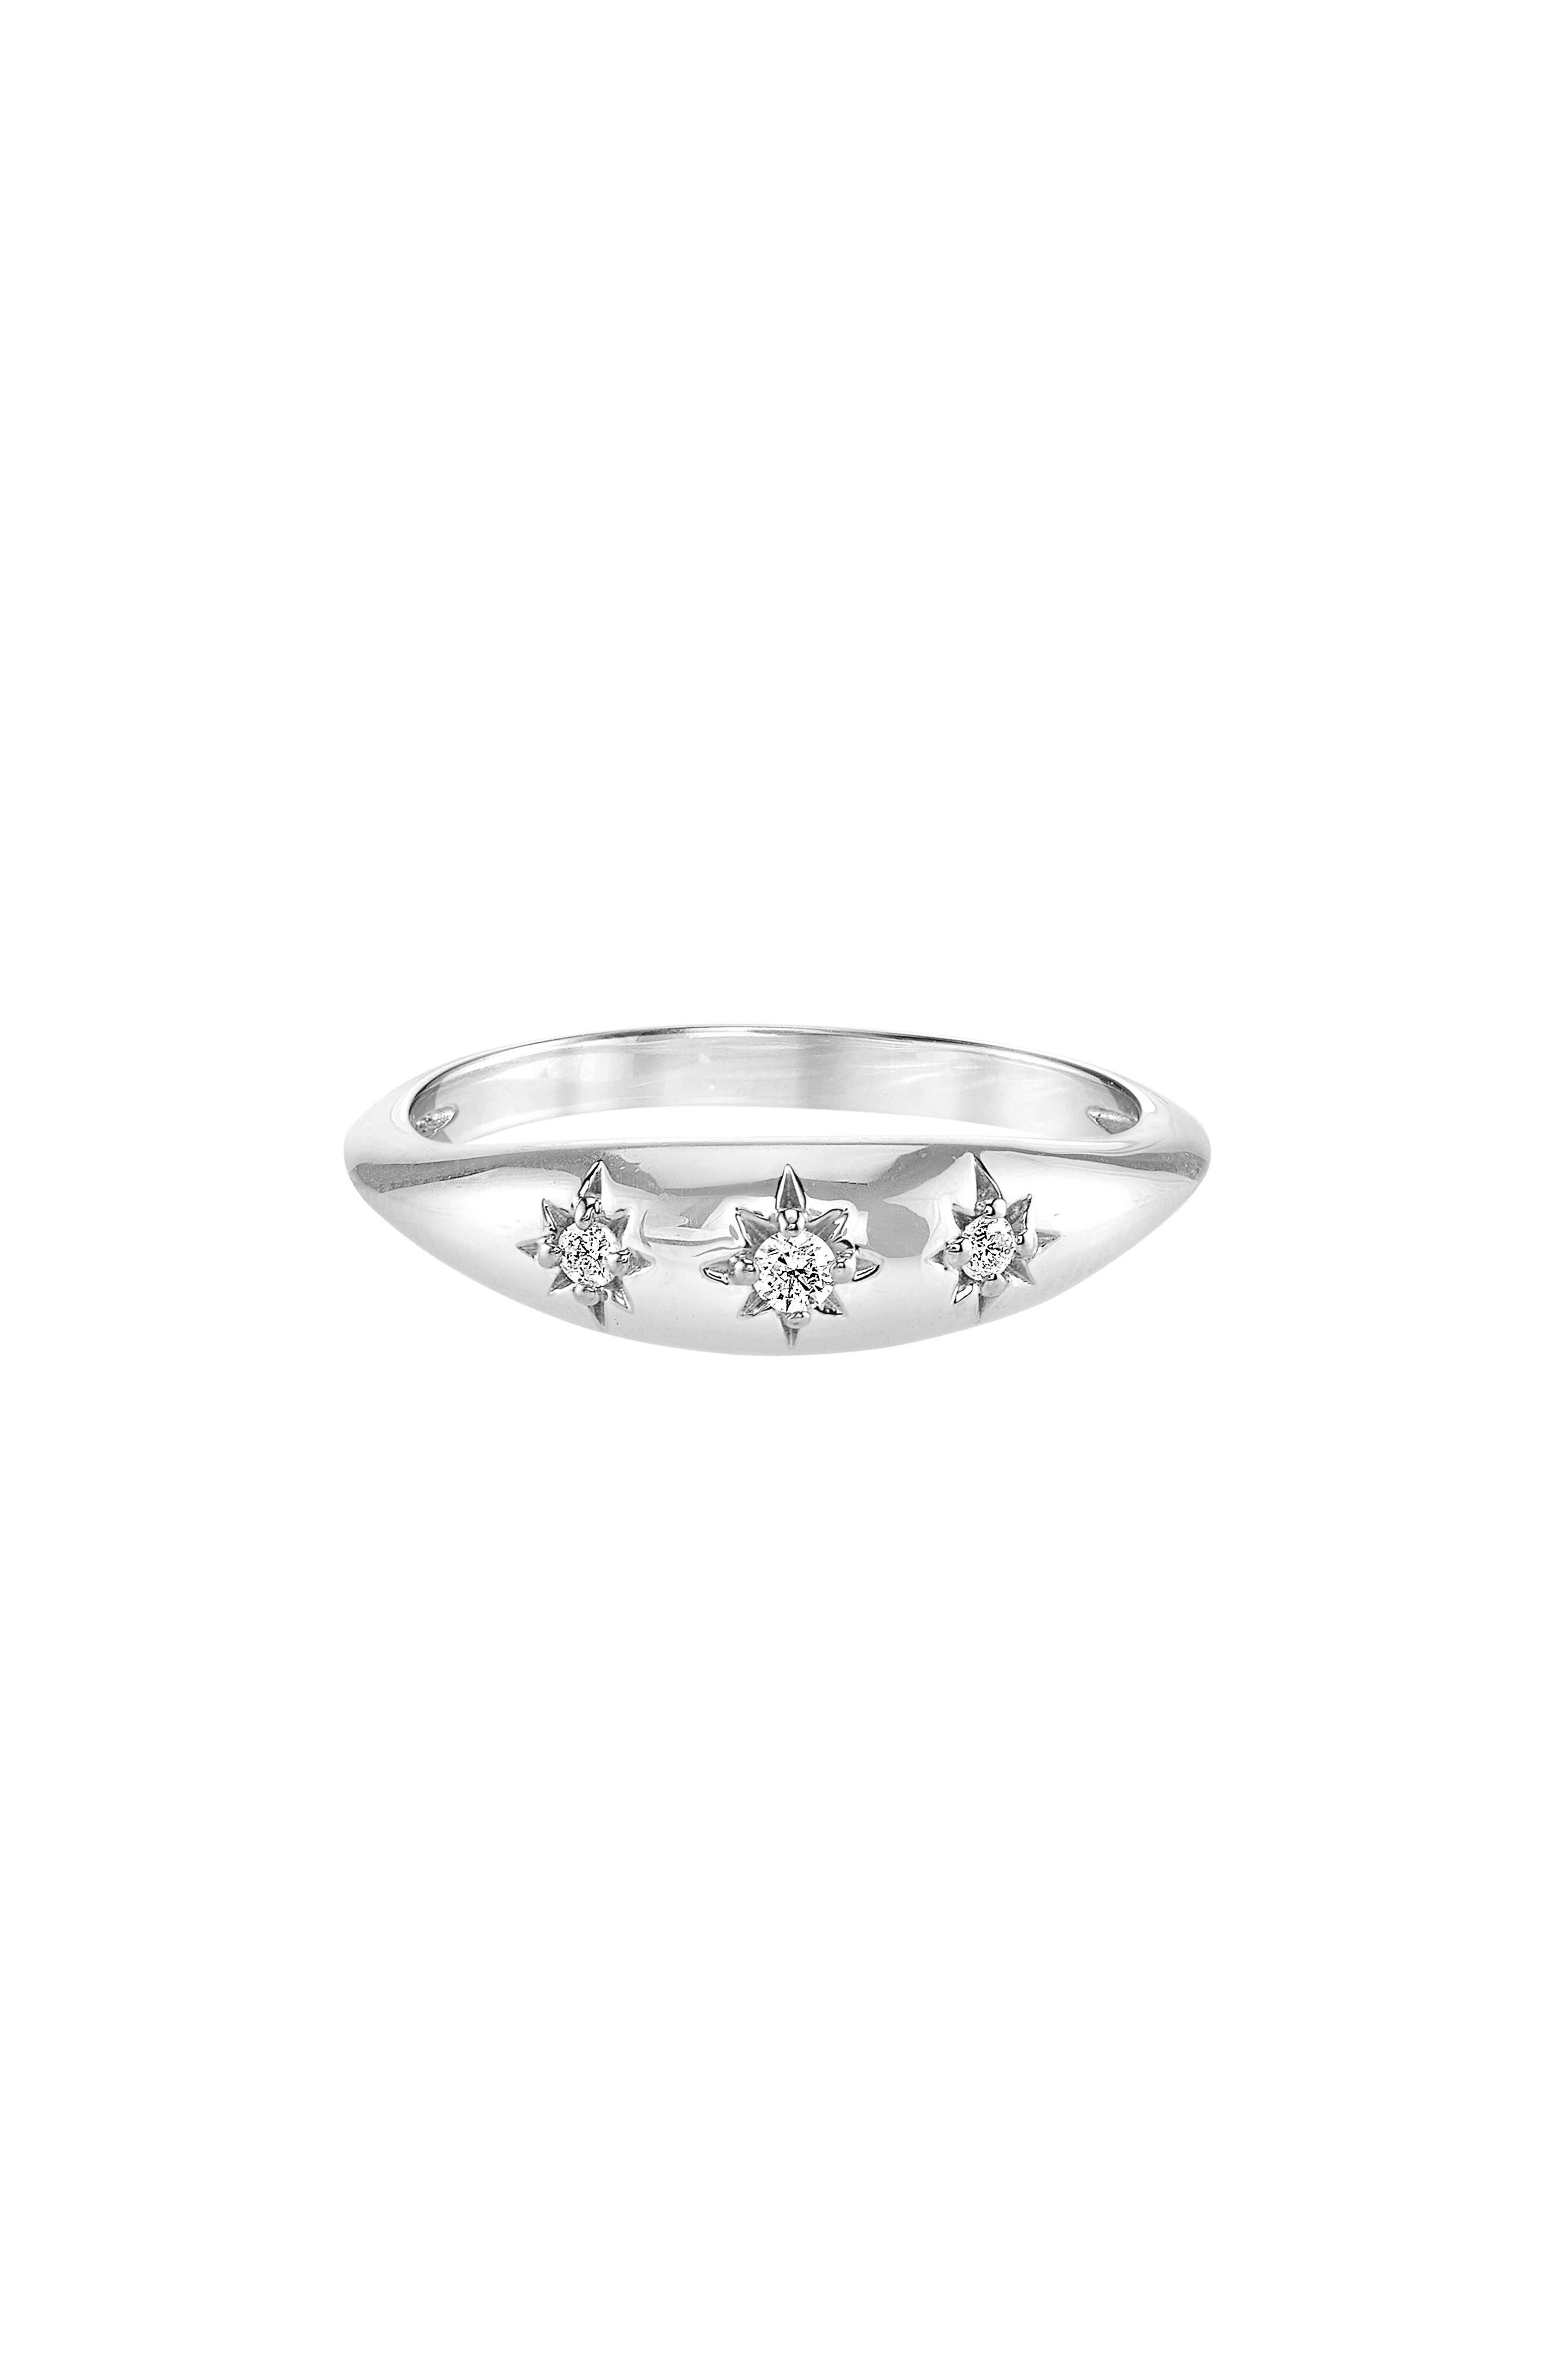 x Michelle Branch Diamond Ring,                         Main,                         color, Silver